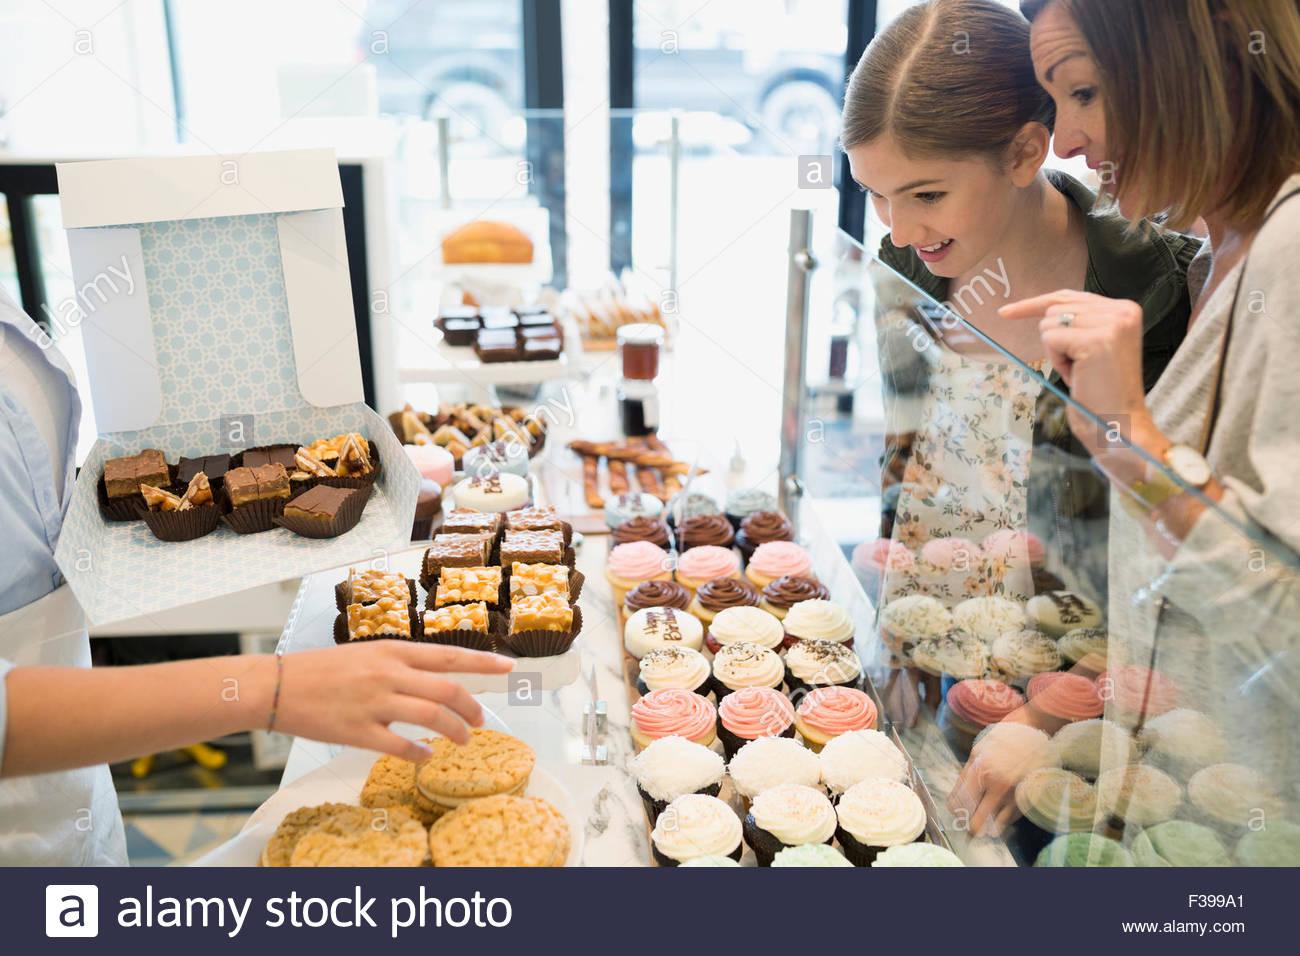 Madre e hija eligiendo dulces en panadería Imagen De Stock